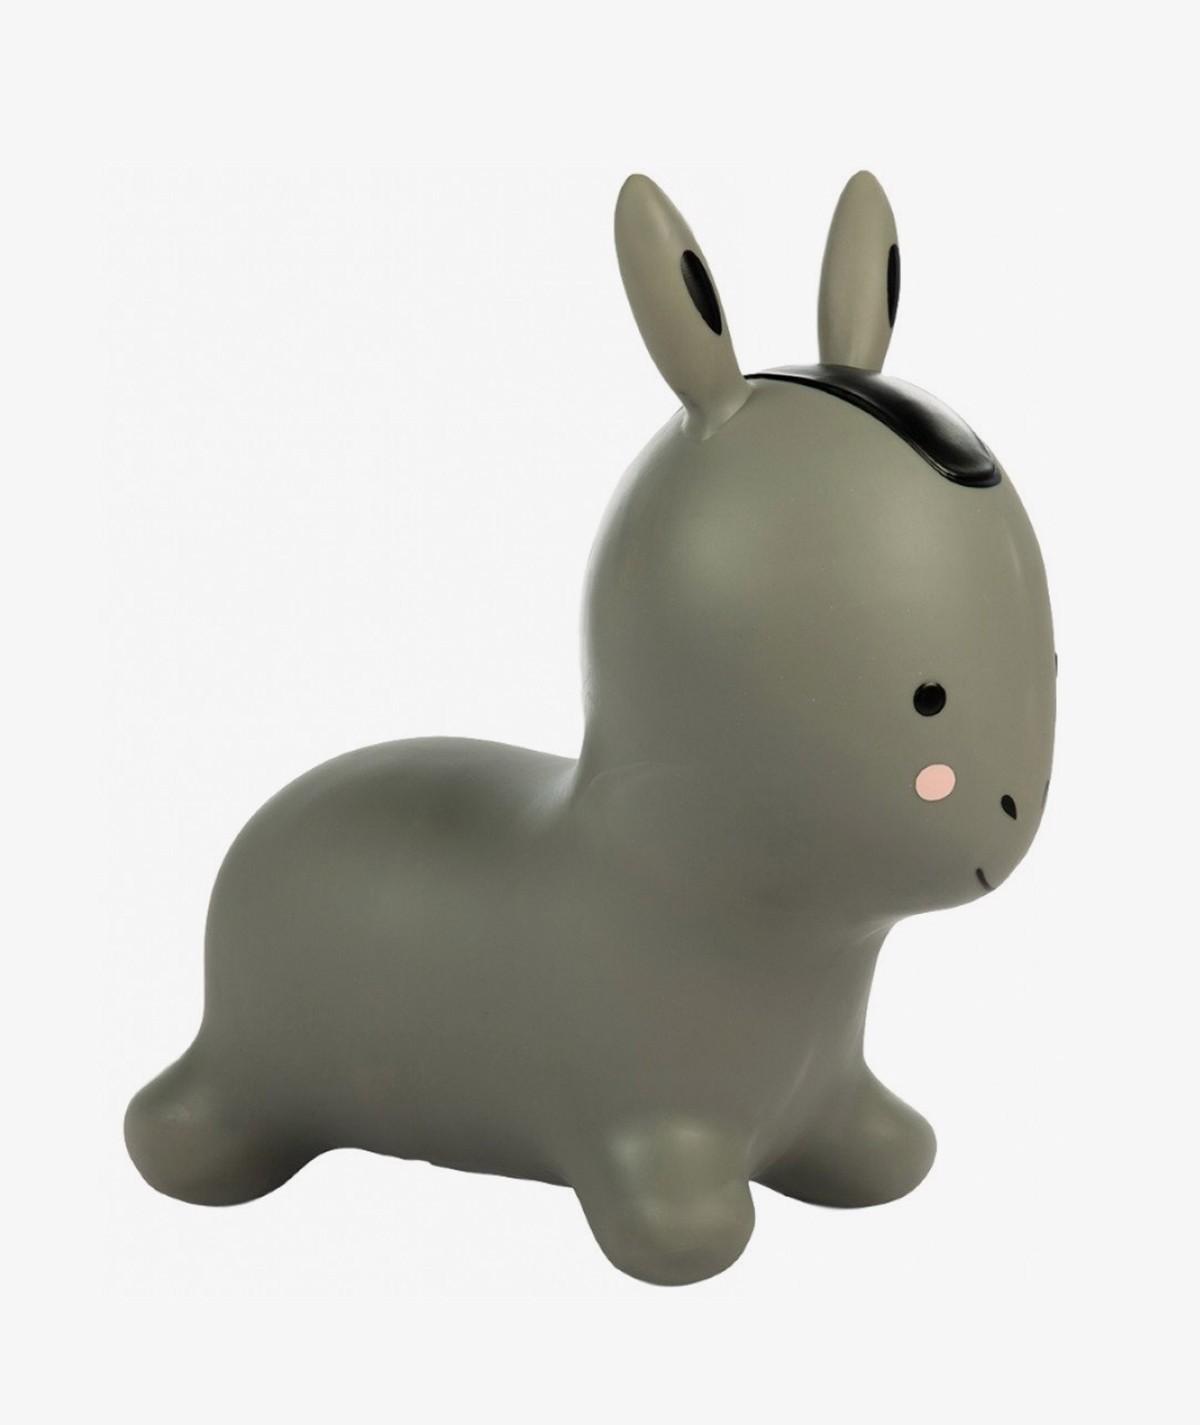 Benny the Donkey